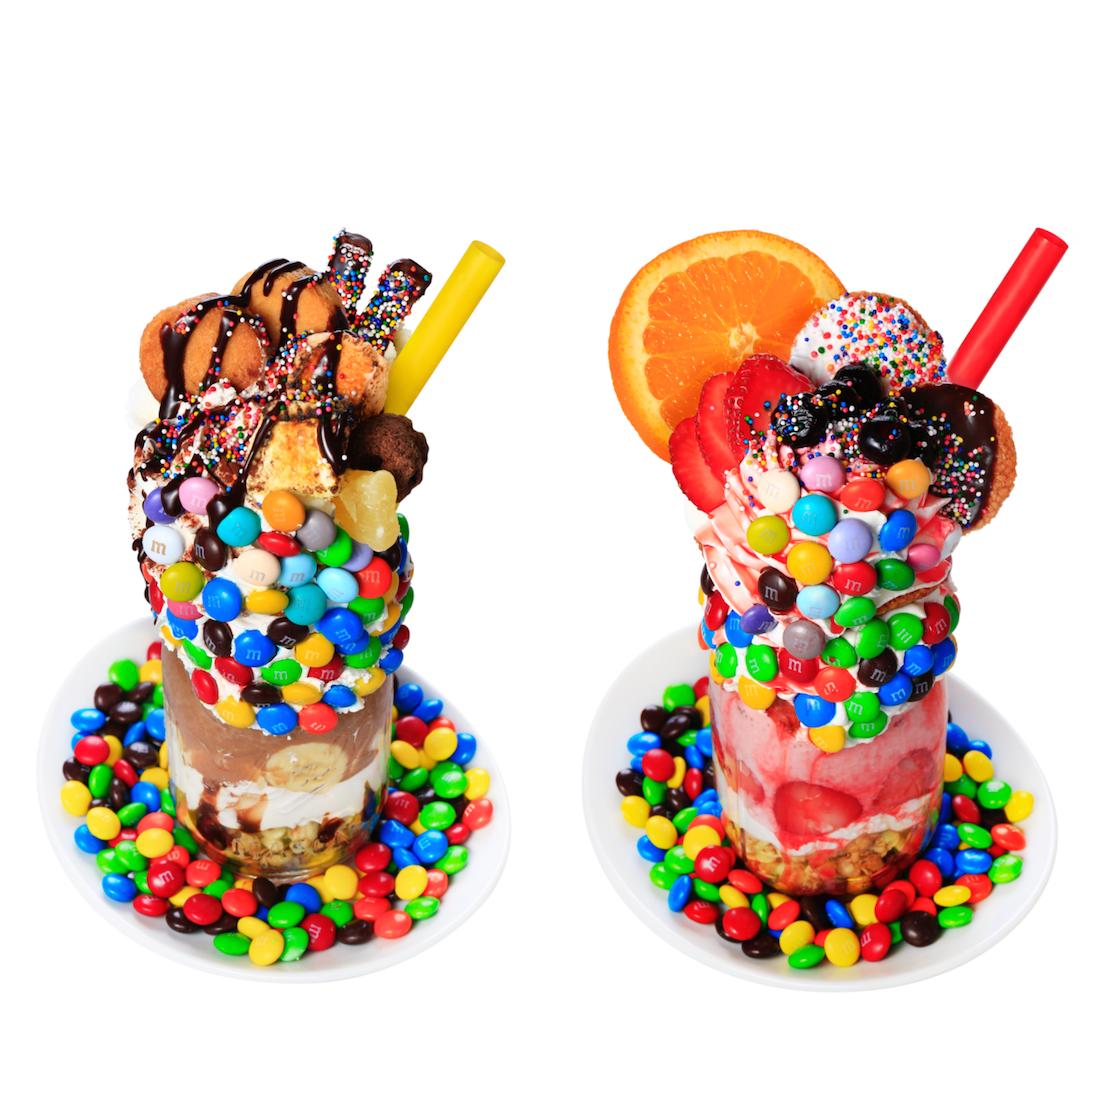 『M&M'S』のチョコ山盛りパフェが超フォトジェニック♡ NYでトレンドの「カラフルパフェ」が原宿で! _1